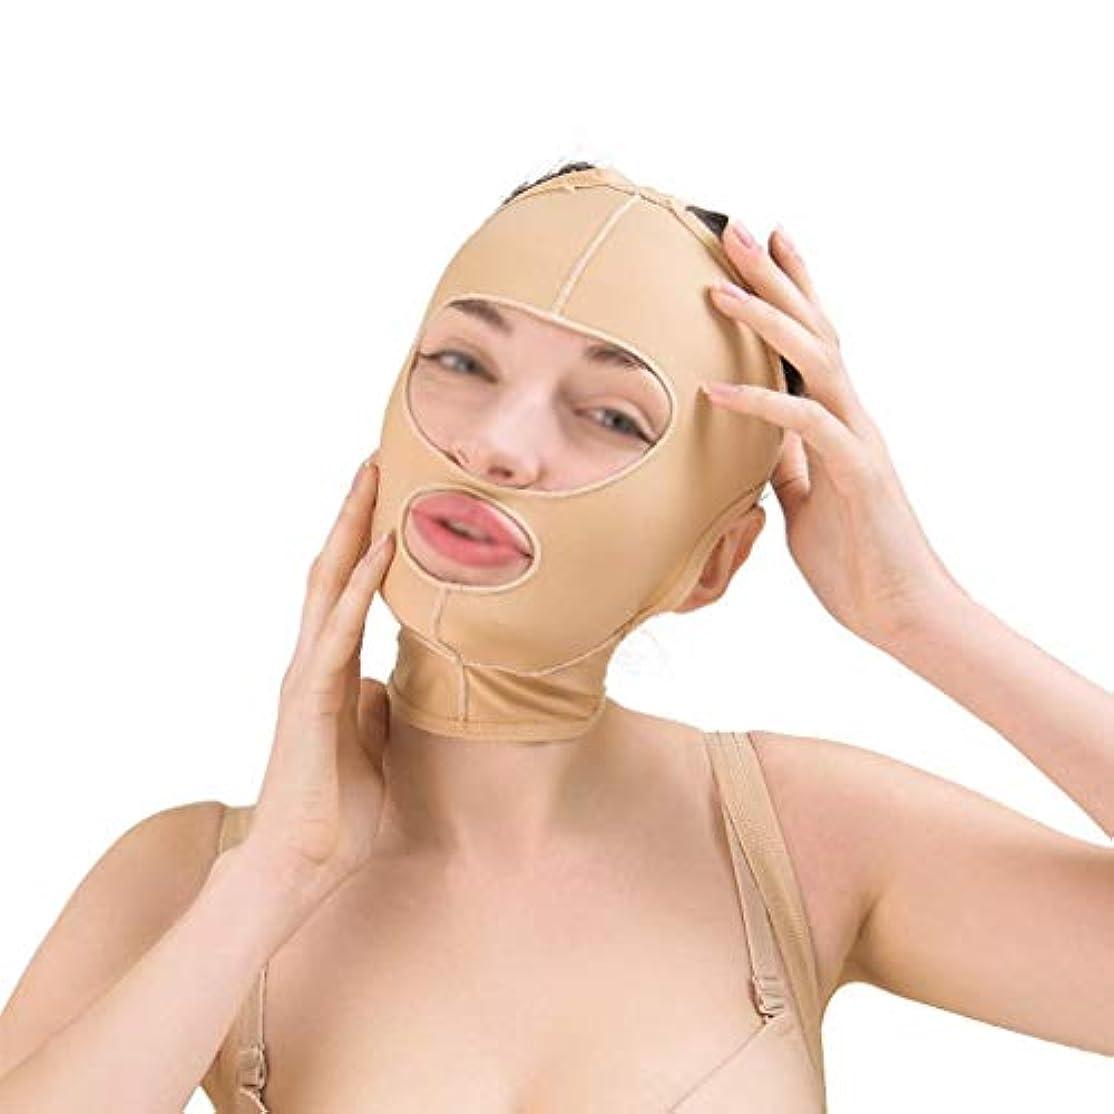 海外脱臼する上昇美容フェイスリフト減量ベルト、ほおスリムフィット、通気性フェイスリフト、引き締め、リフティング包帯、フェイシャルスキン包帯(サイズ:M),M